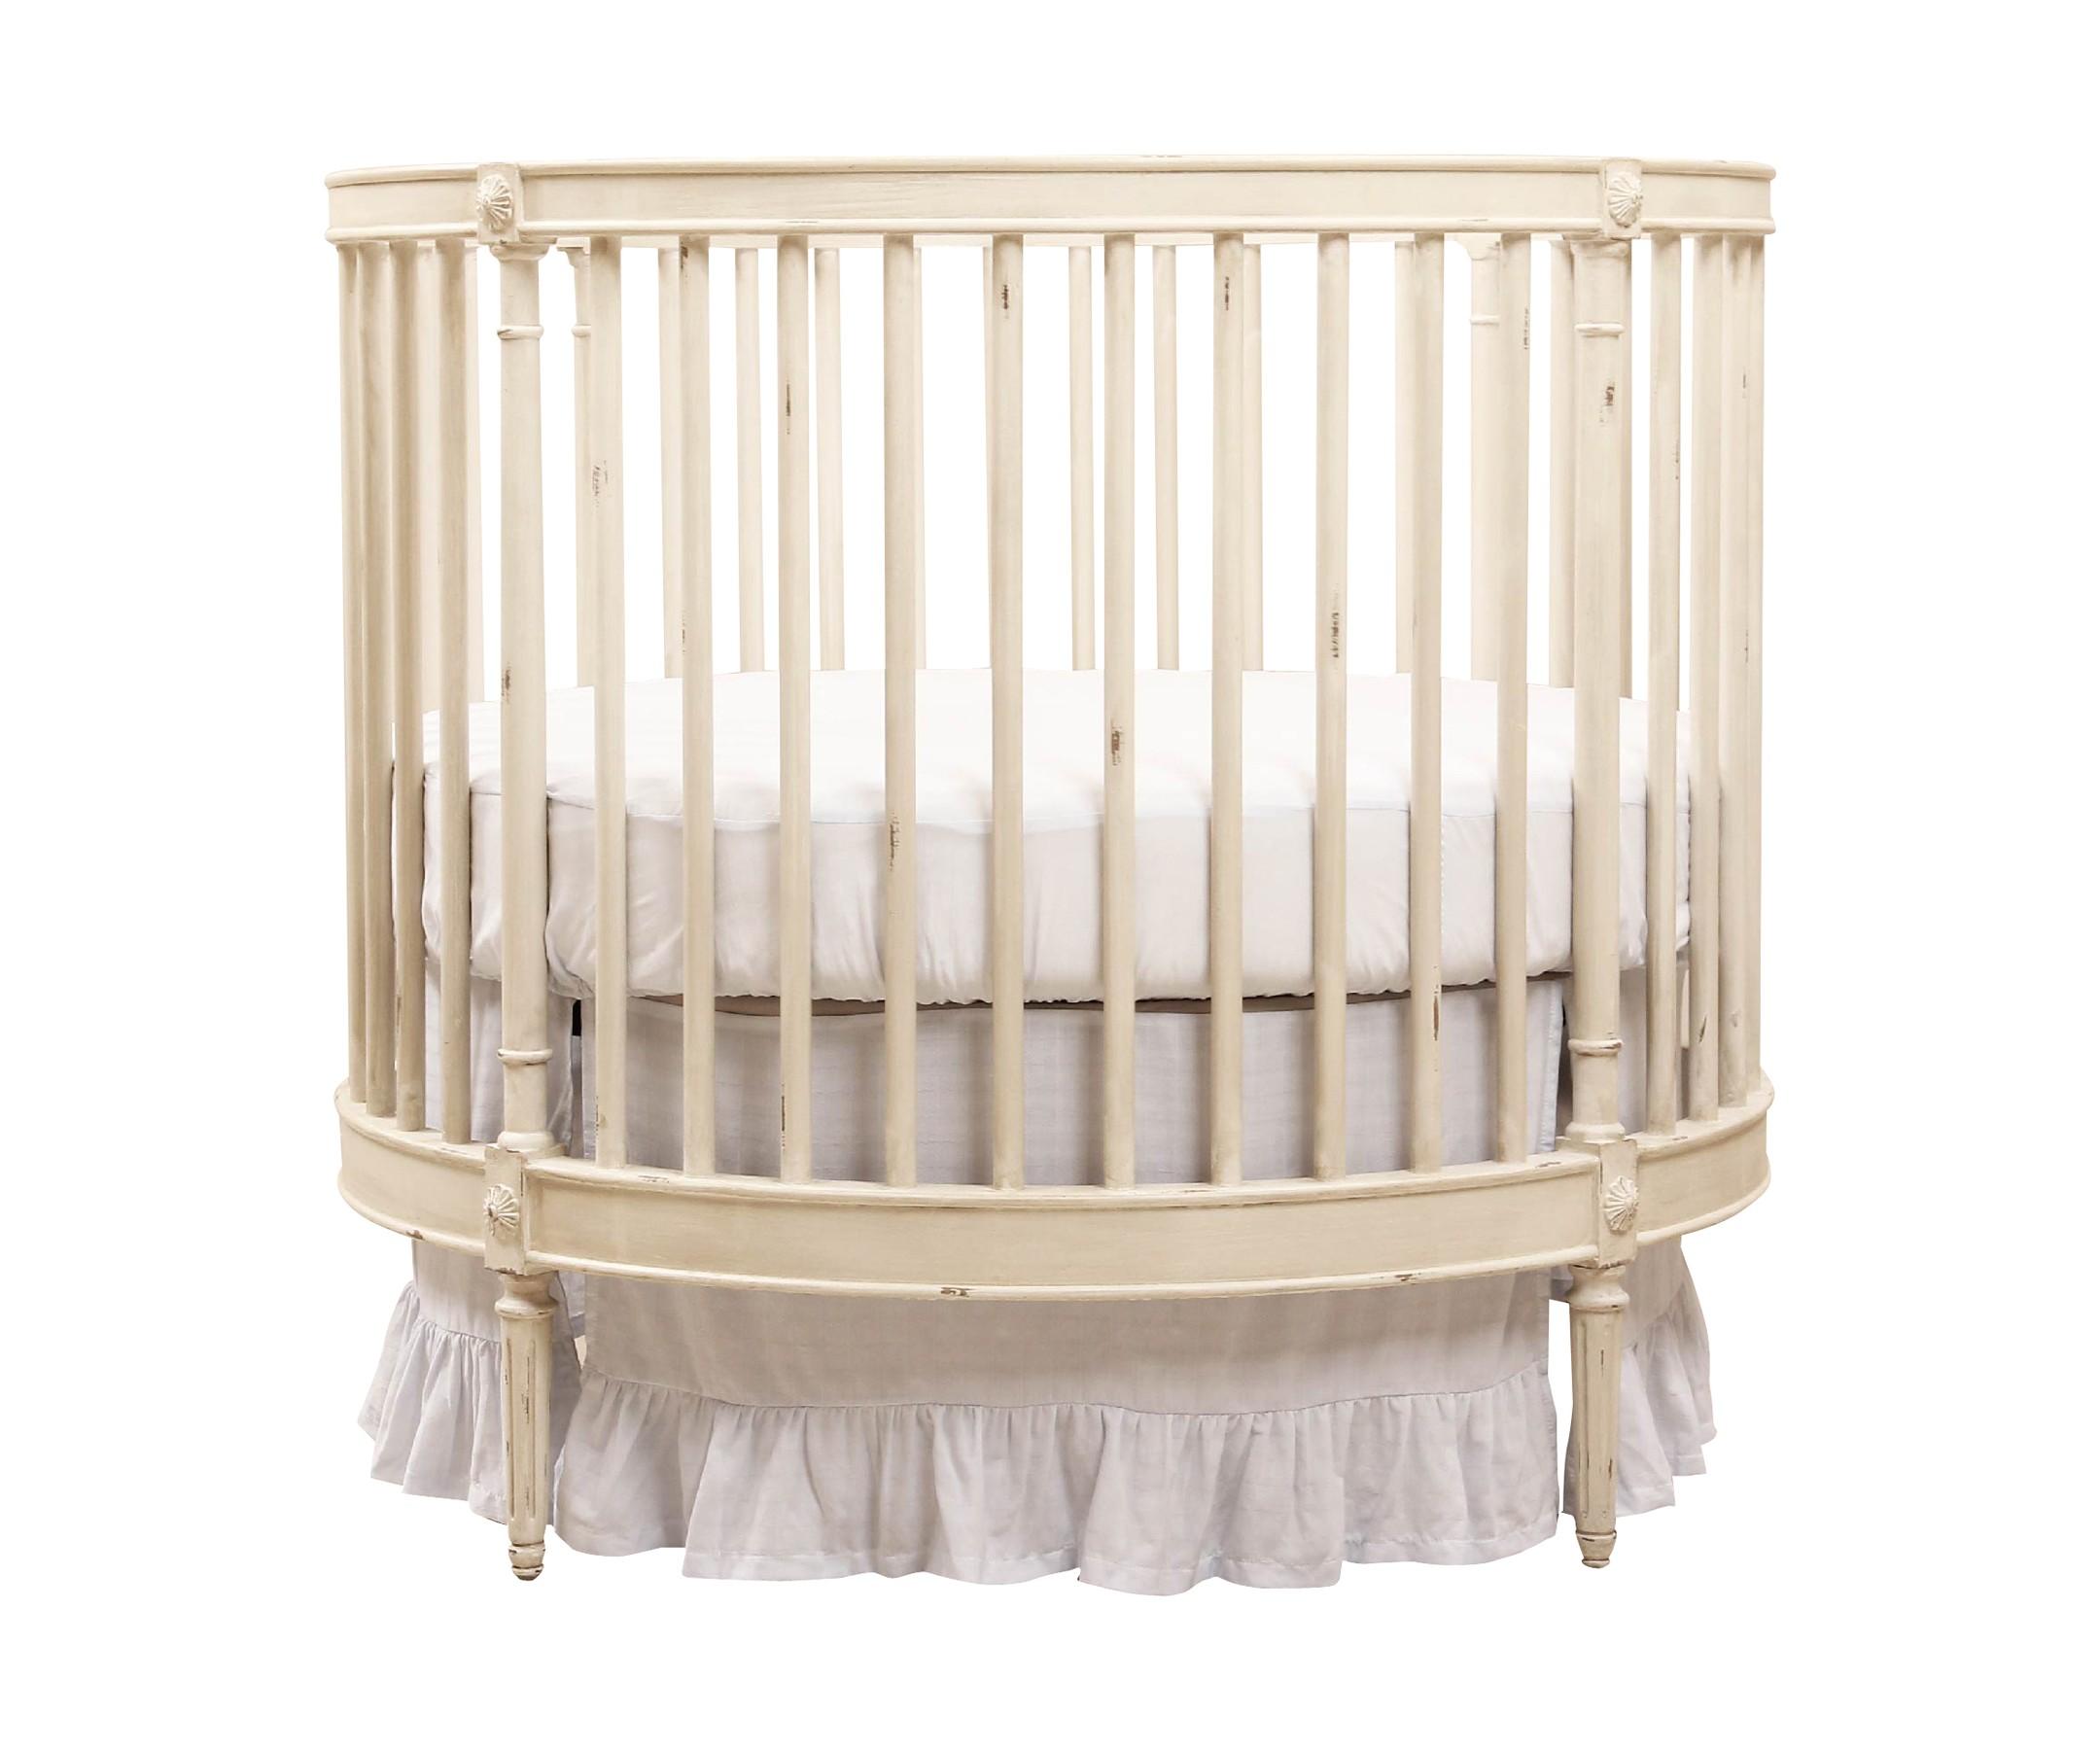 Кровать детская Venecia с матрасомКолыбели<br>Детская кровать, в комплект входит детский матрасик размером 100*100*140 см.<br><br>Material: Береза<br>Height см: 97,5<br>Diameter см: 107